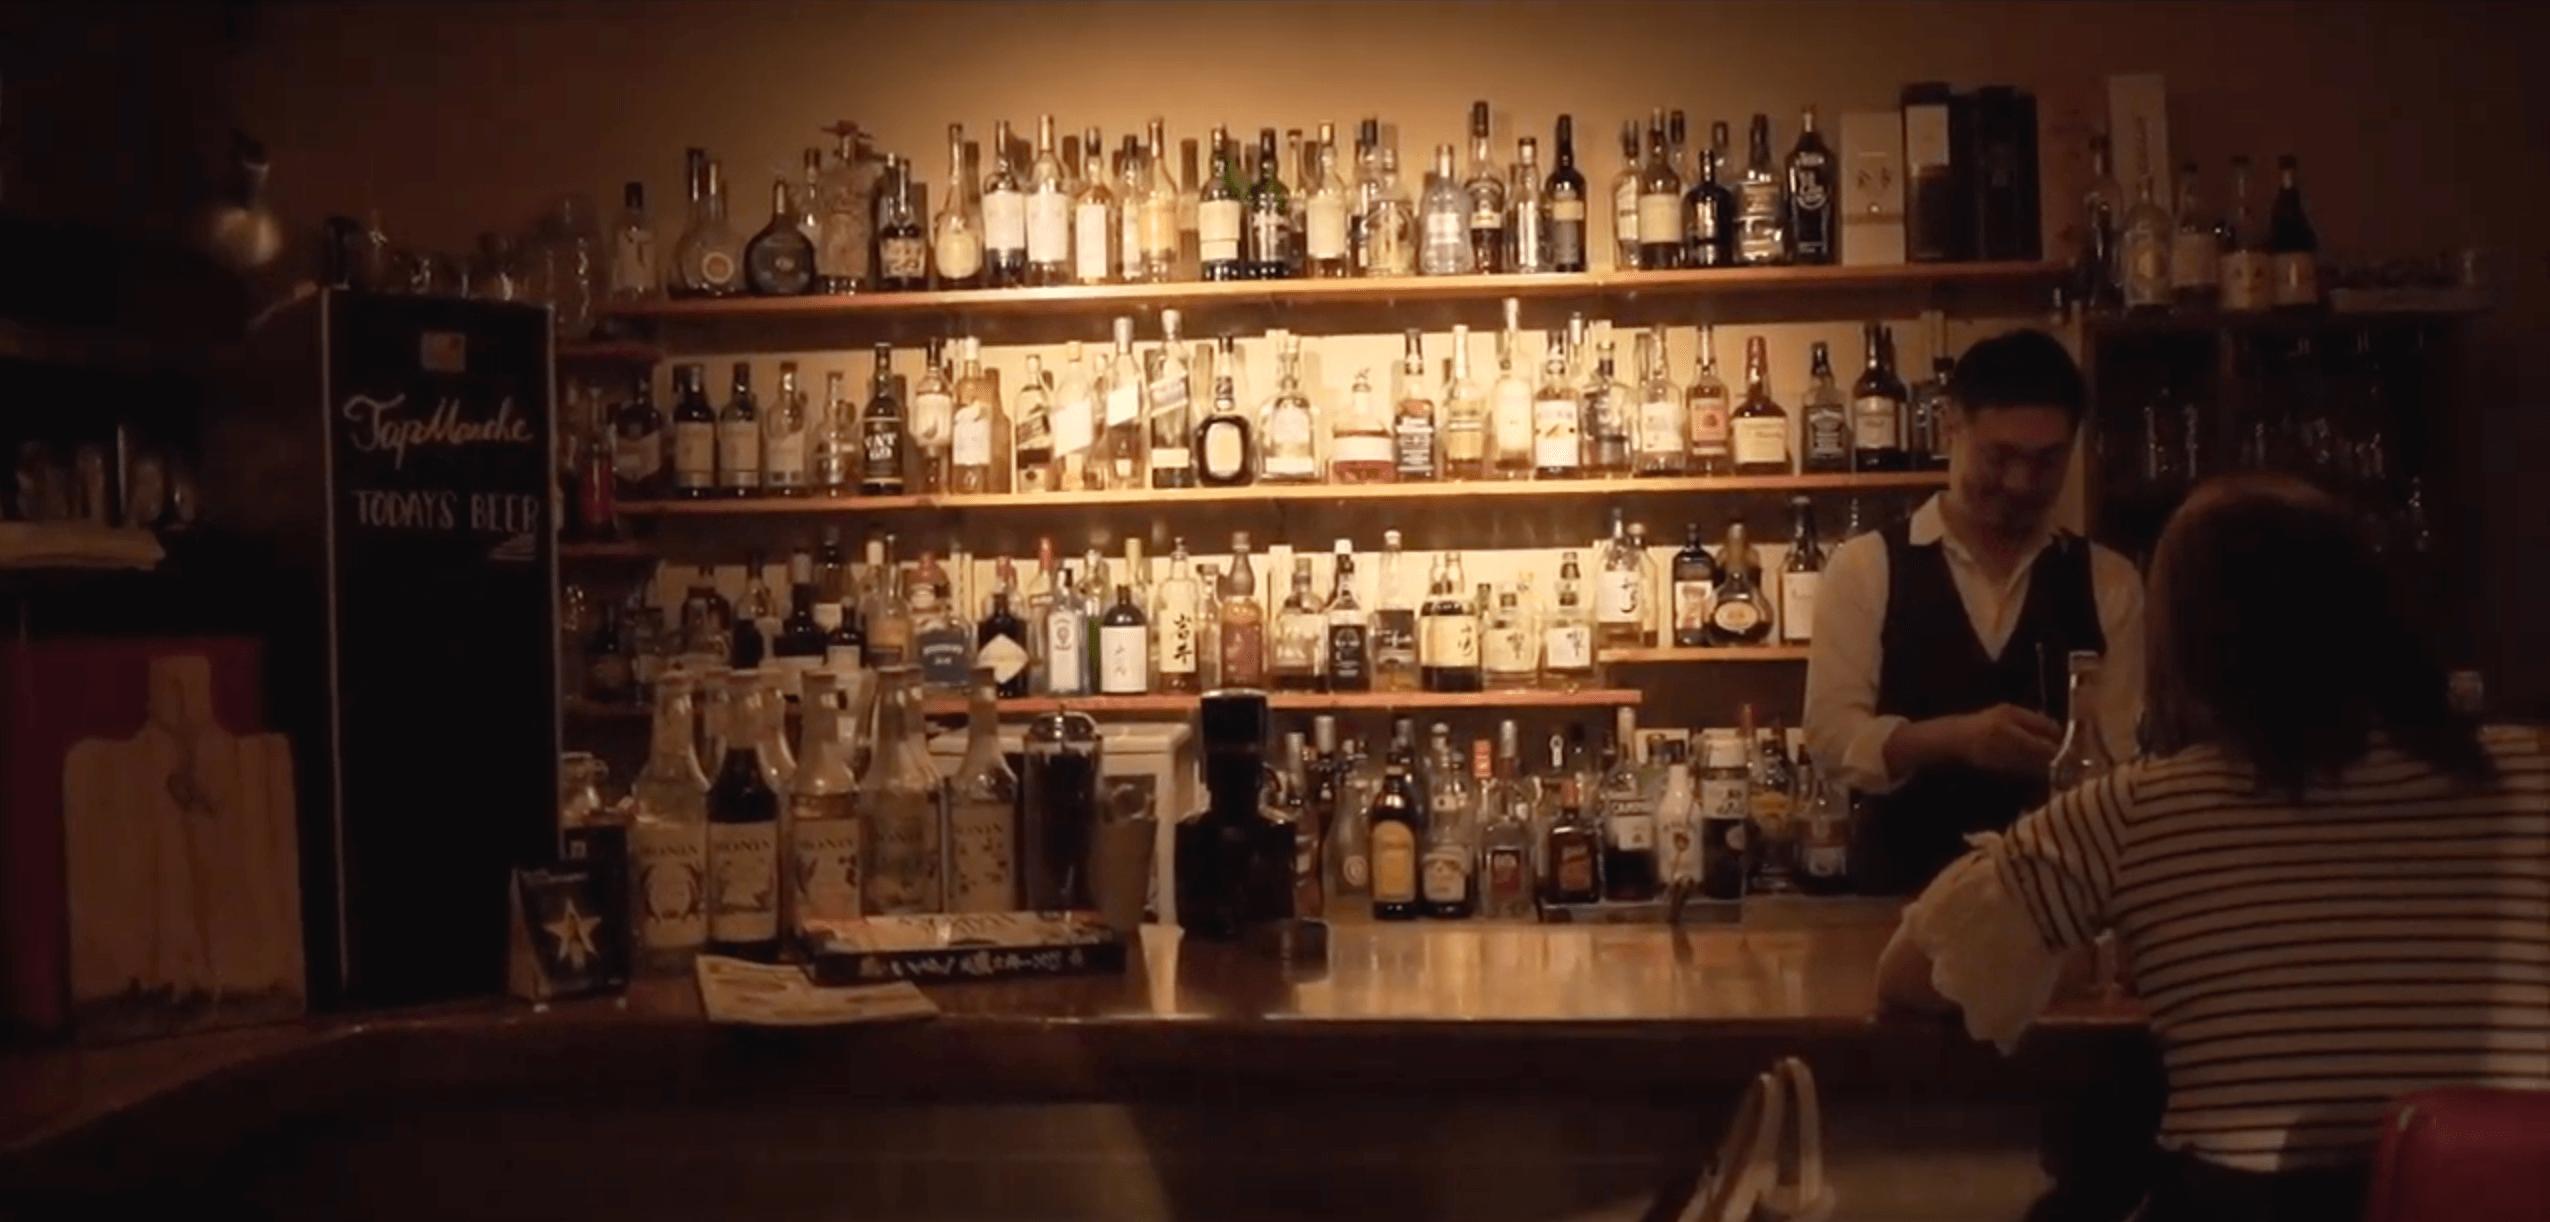 2) 初めての伊万里飲みで行きたい:ragazza (ラガッツァ)